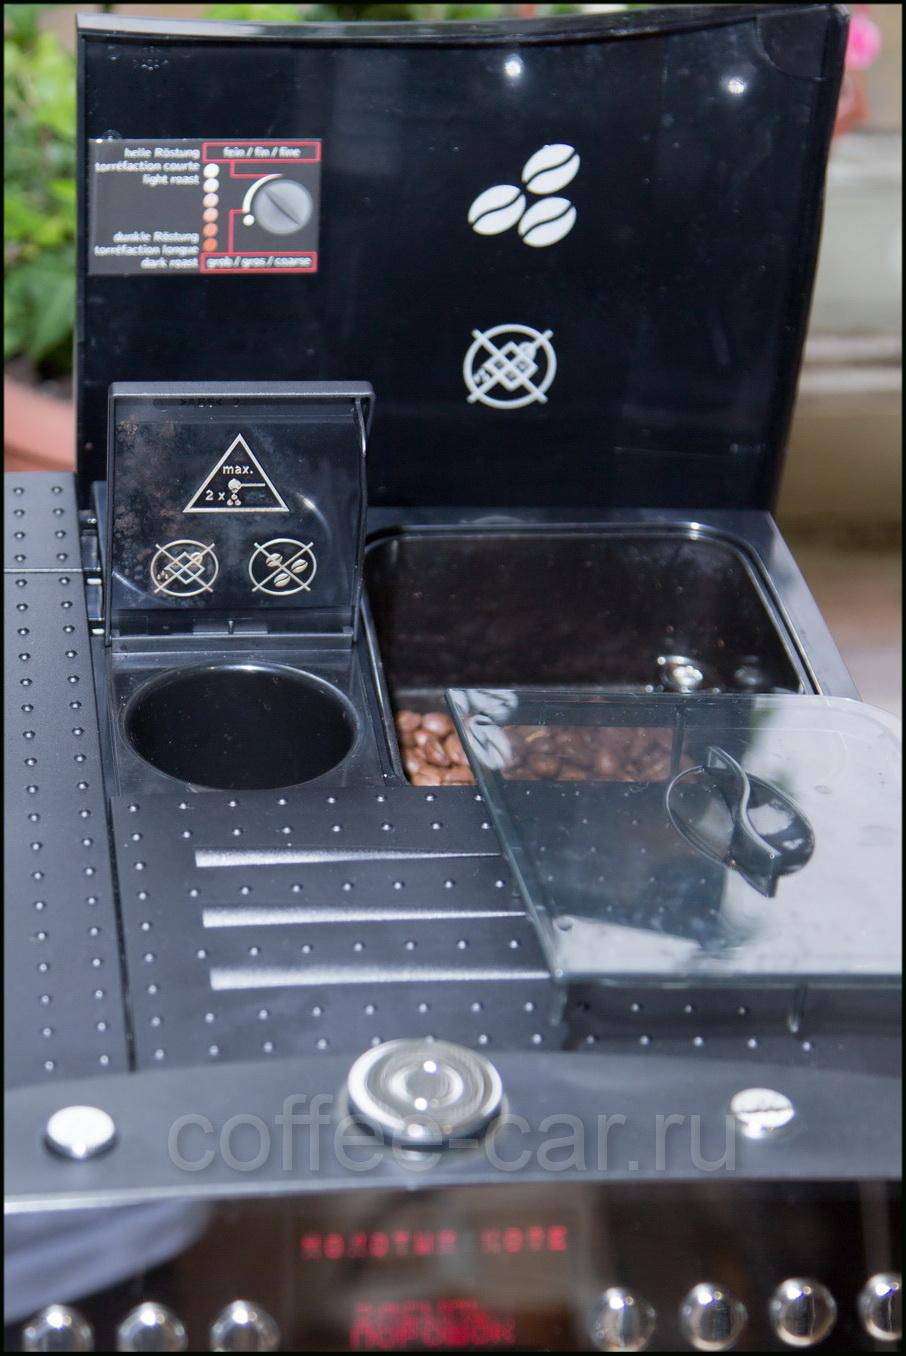 схема кофемашины krups xp7200